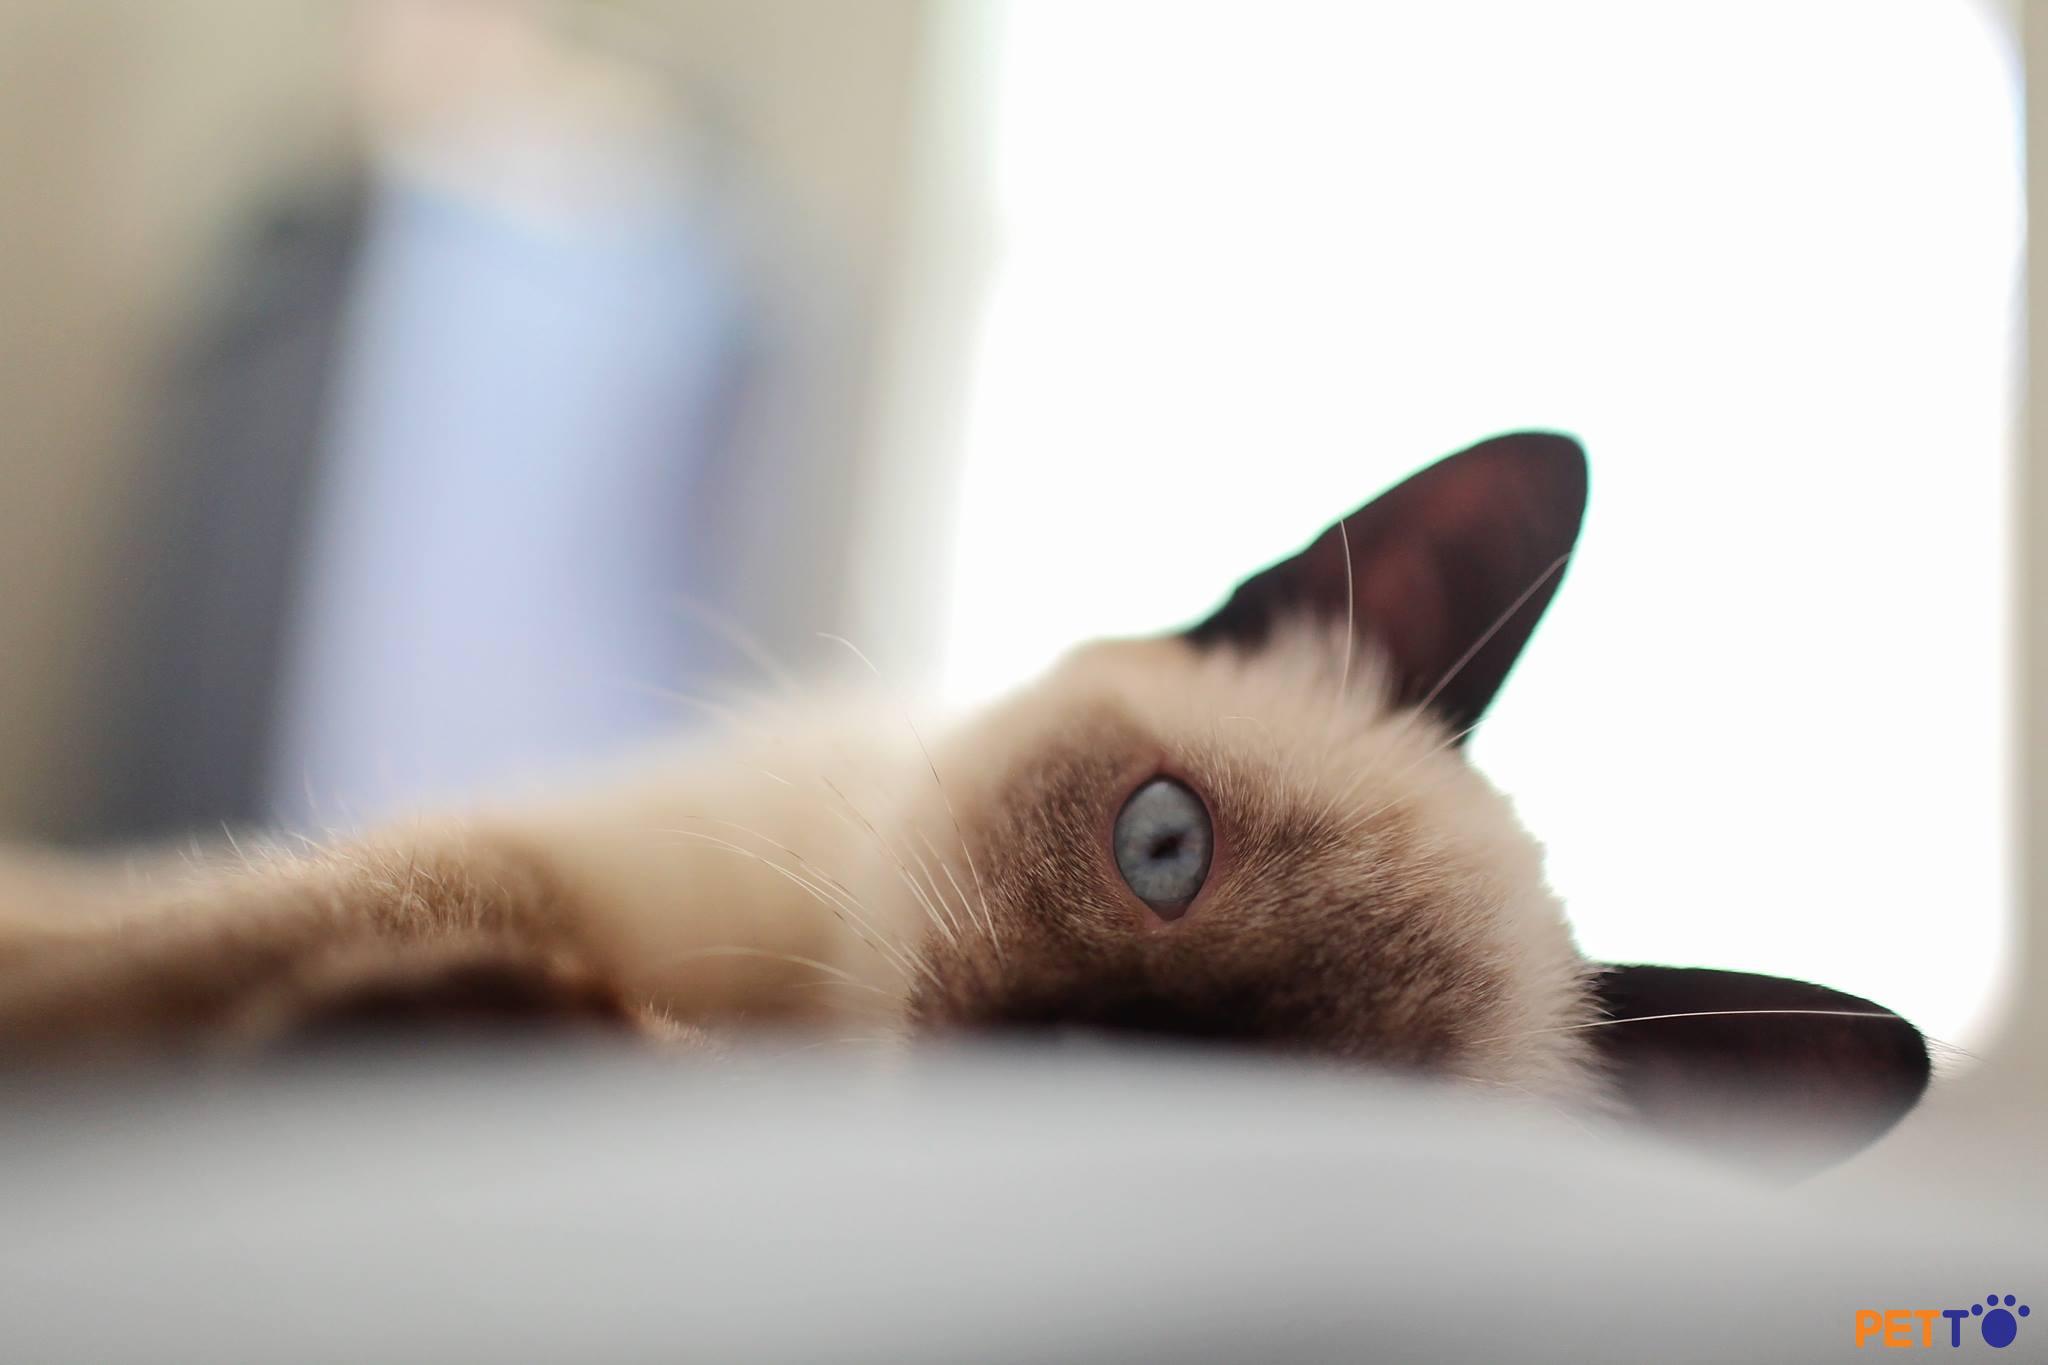 mèo con đáng yêu nằm trên giường